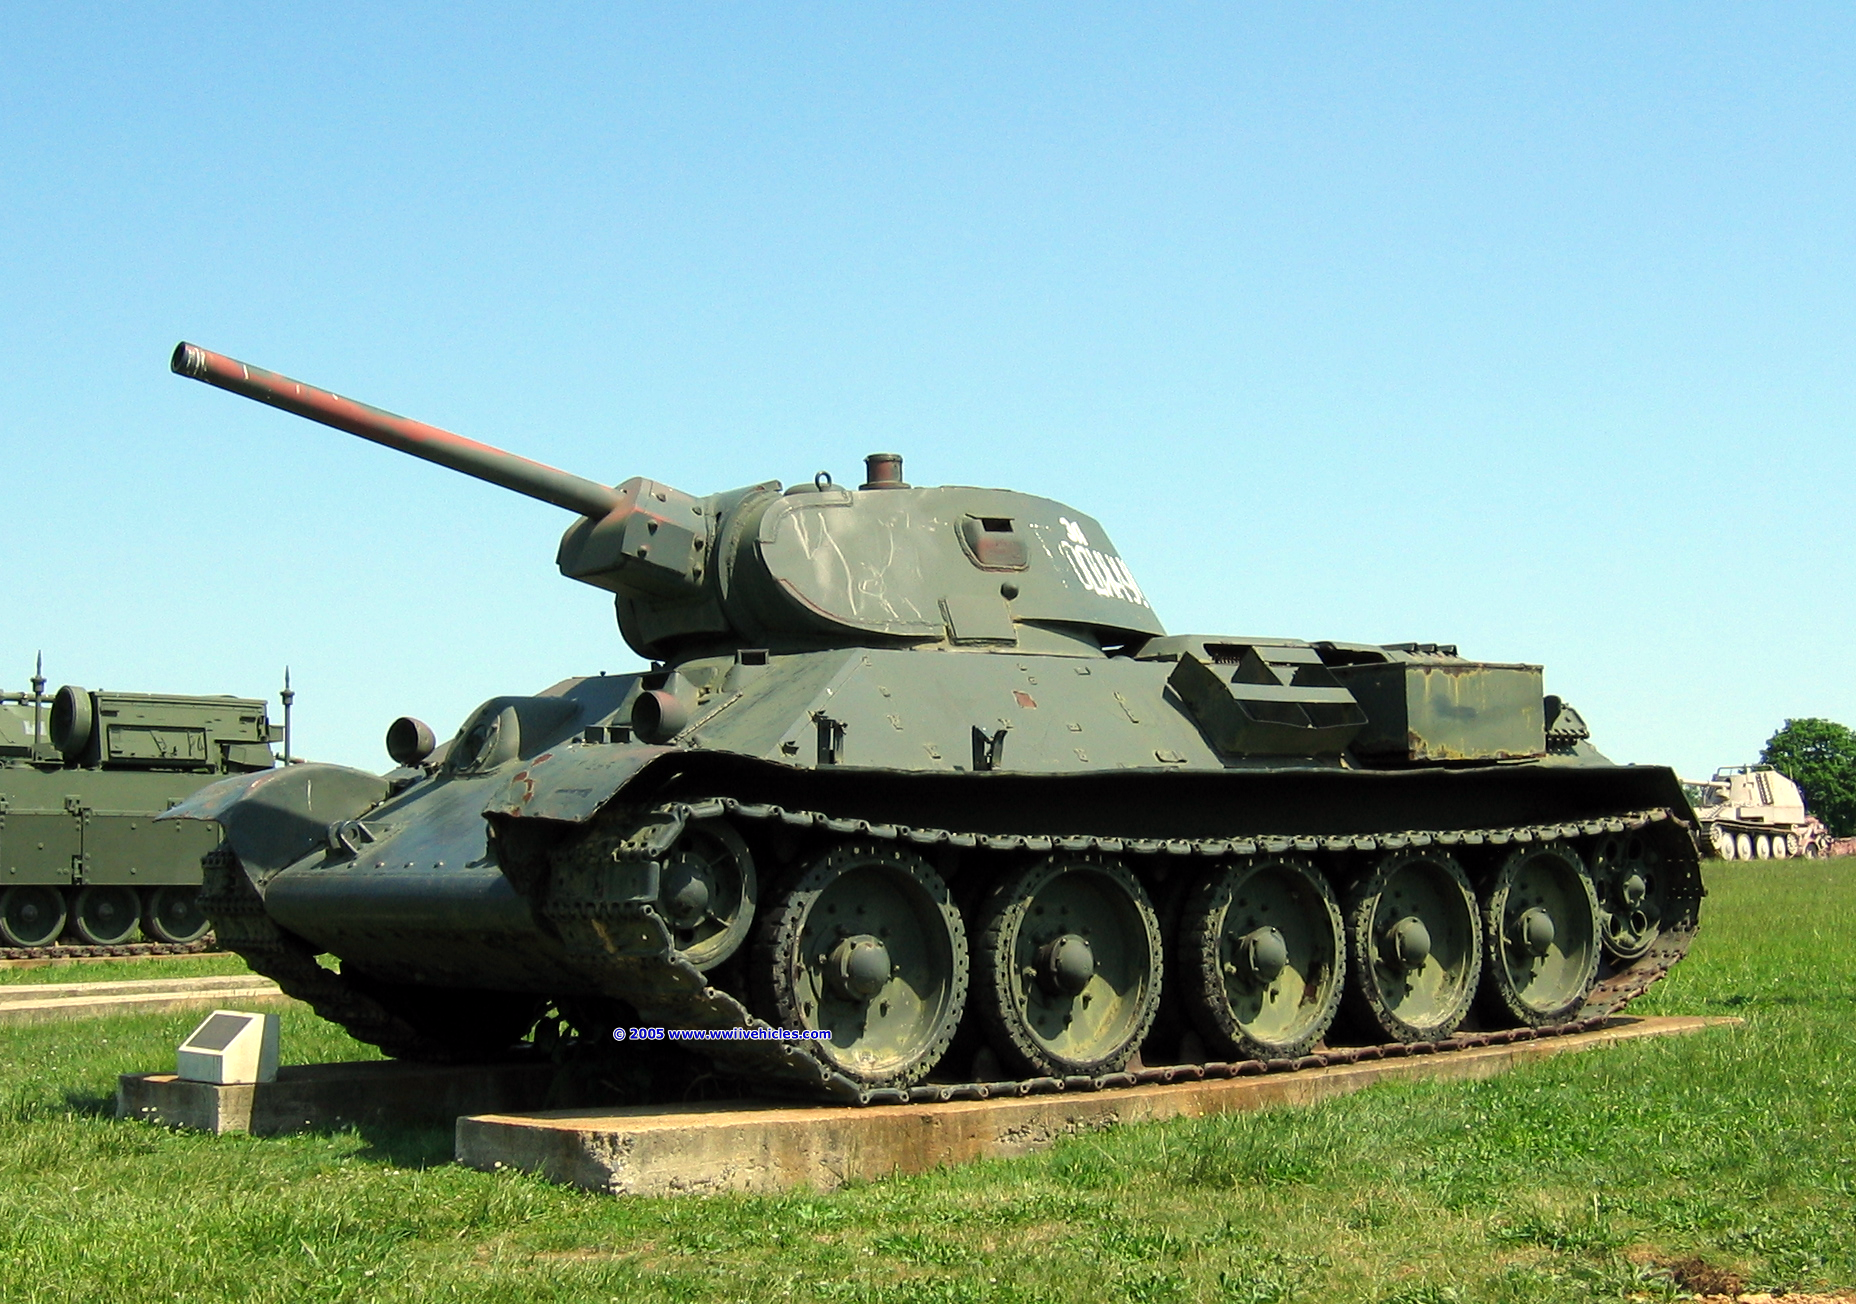 Xe tăng T-34 là một trong những vũ khí quân sự nổi bật của Hồng quân